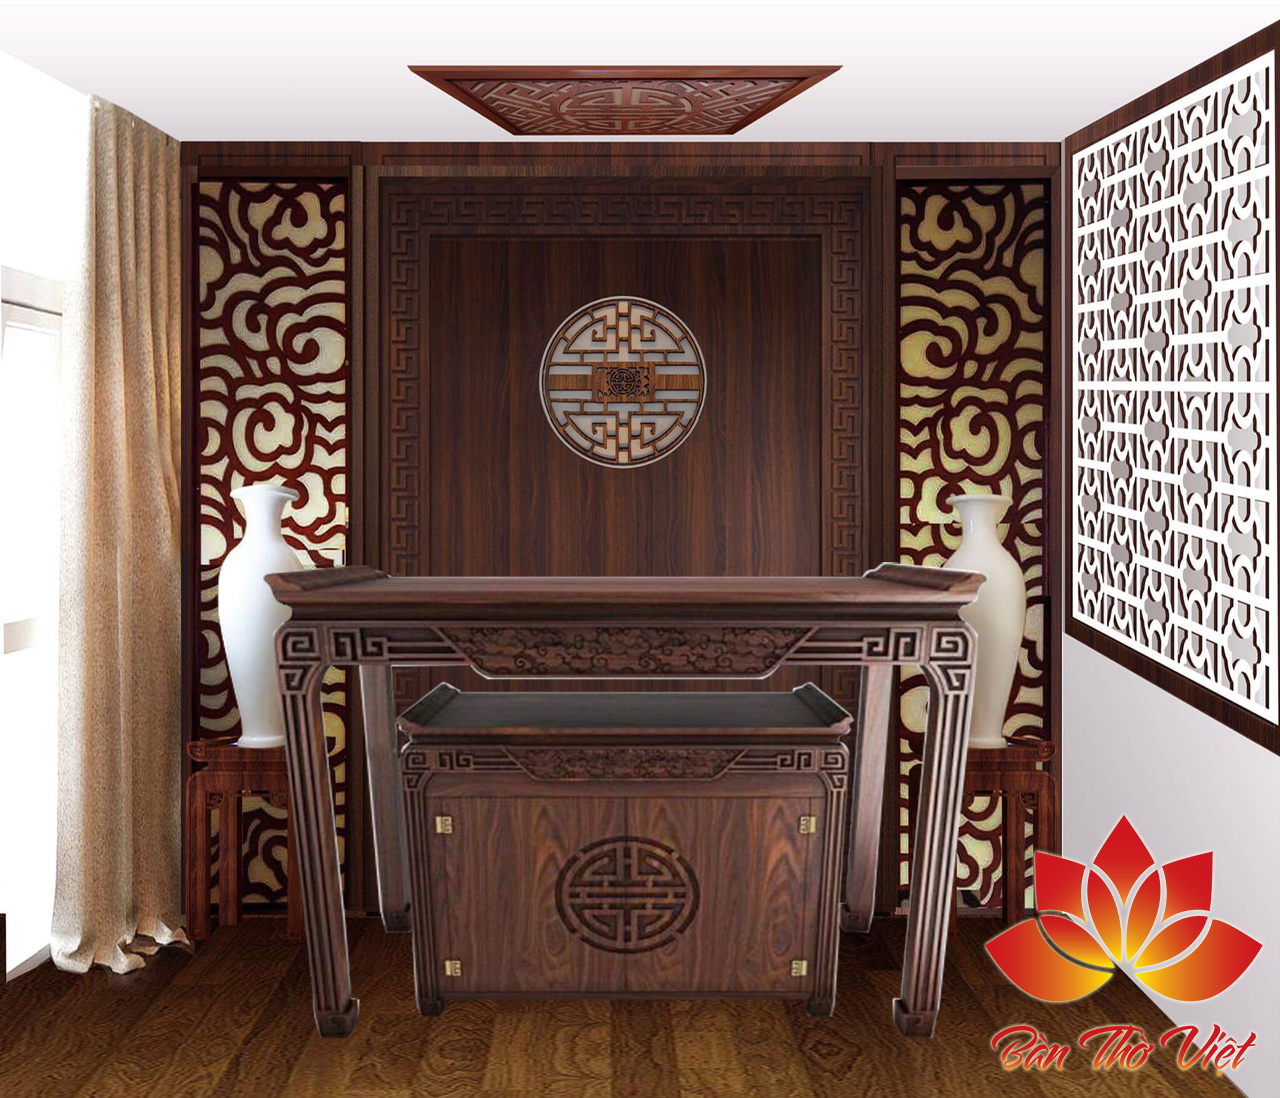 TÓP các mẫu thiết kế trần phòng thờ cực đẹp bạn nên xem